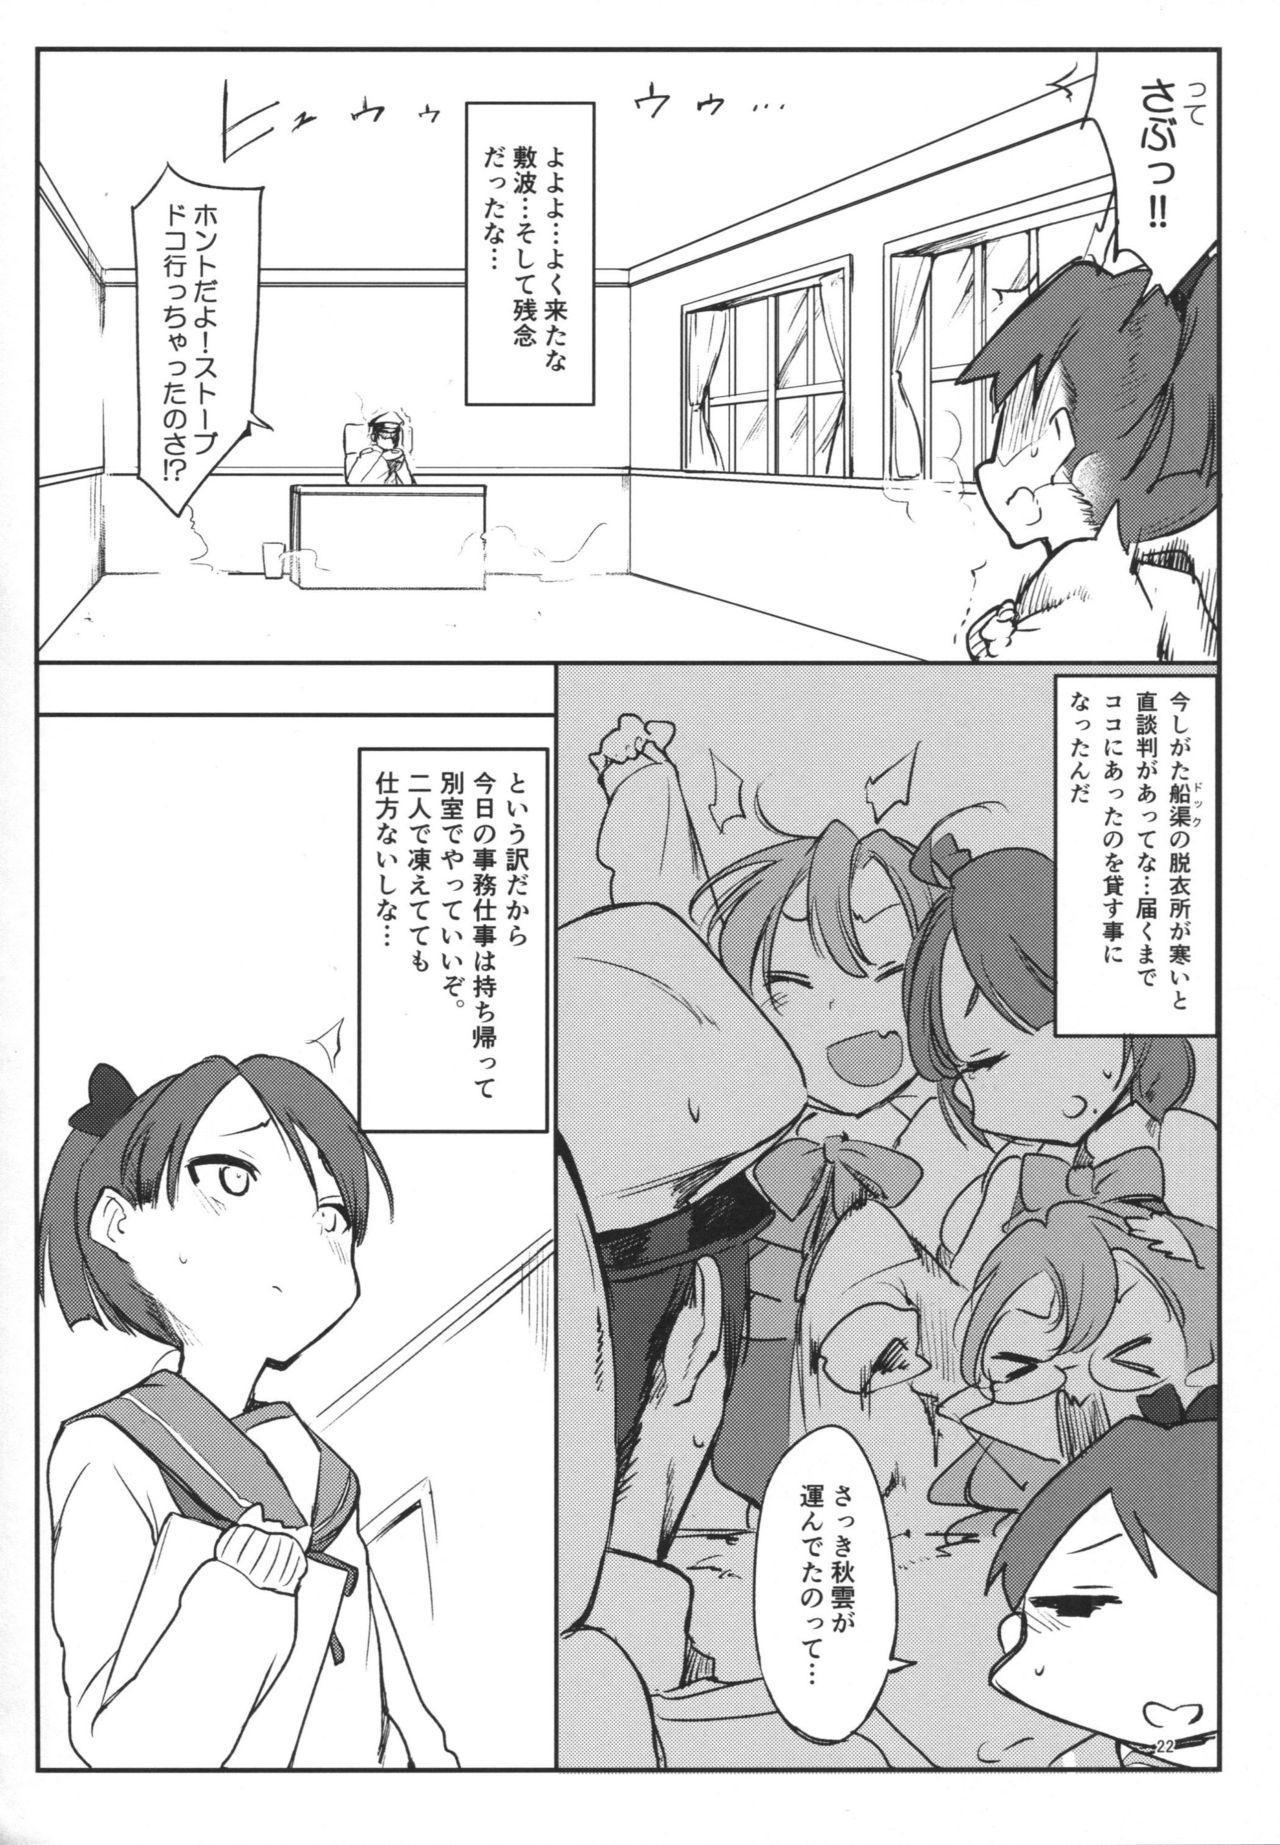 Hentai Selection 20